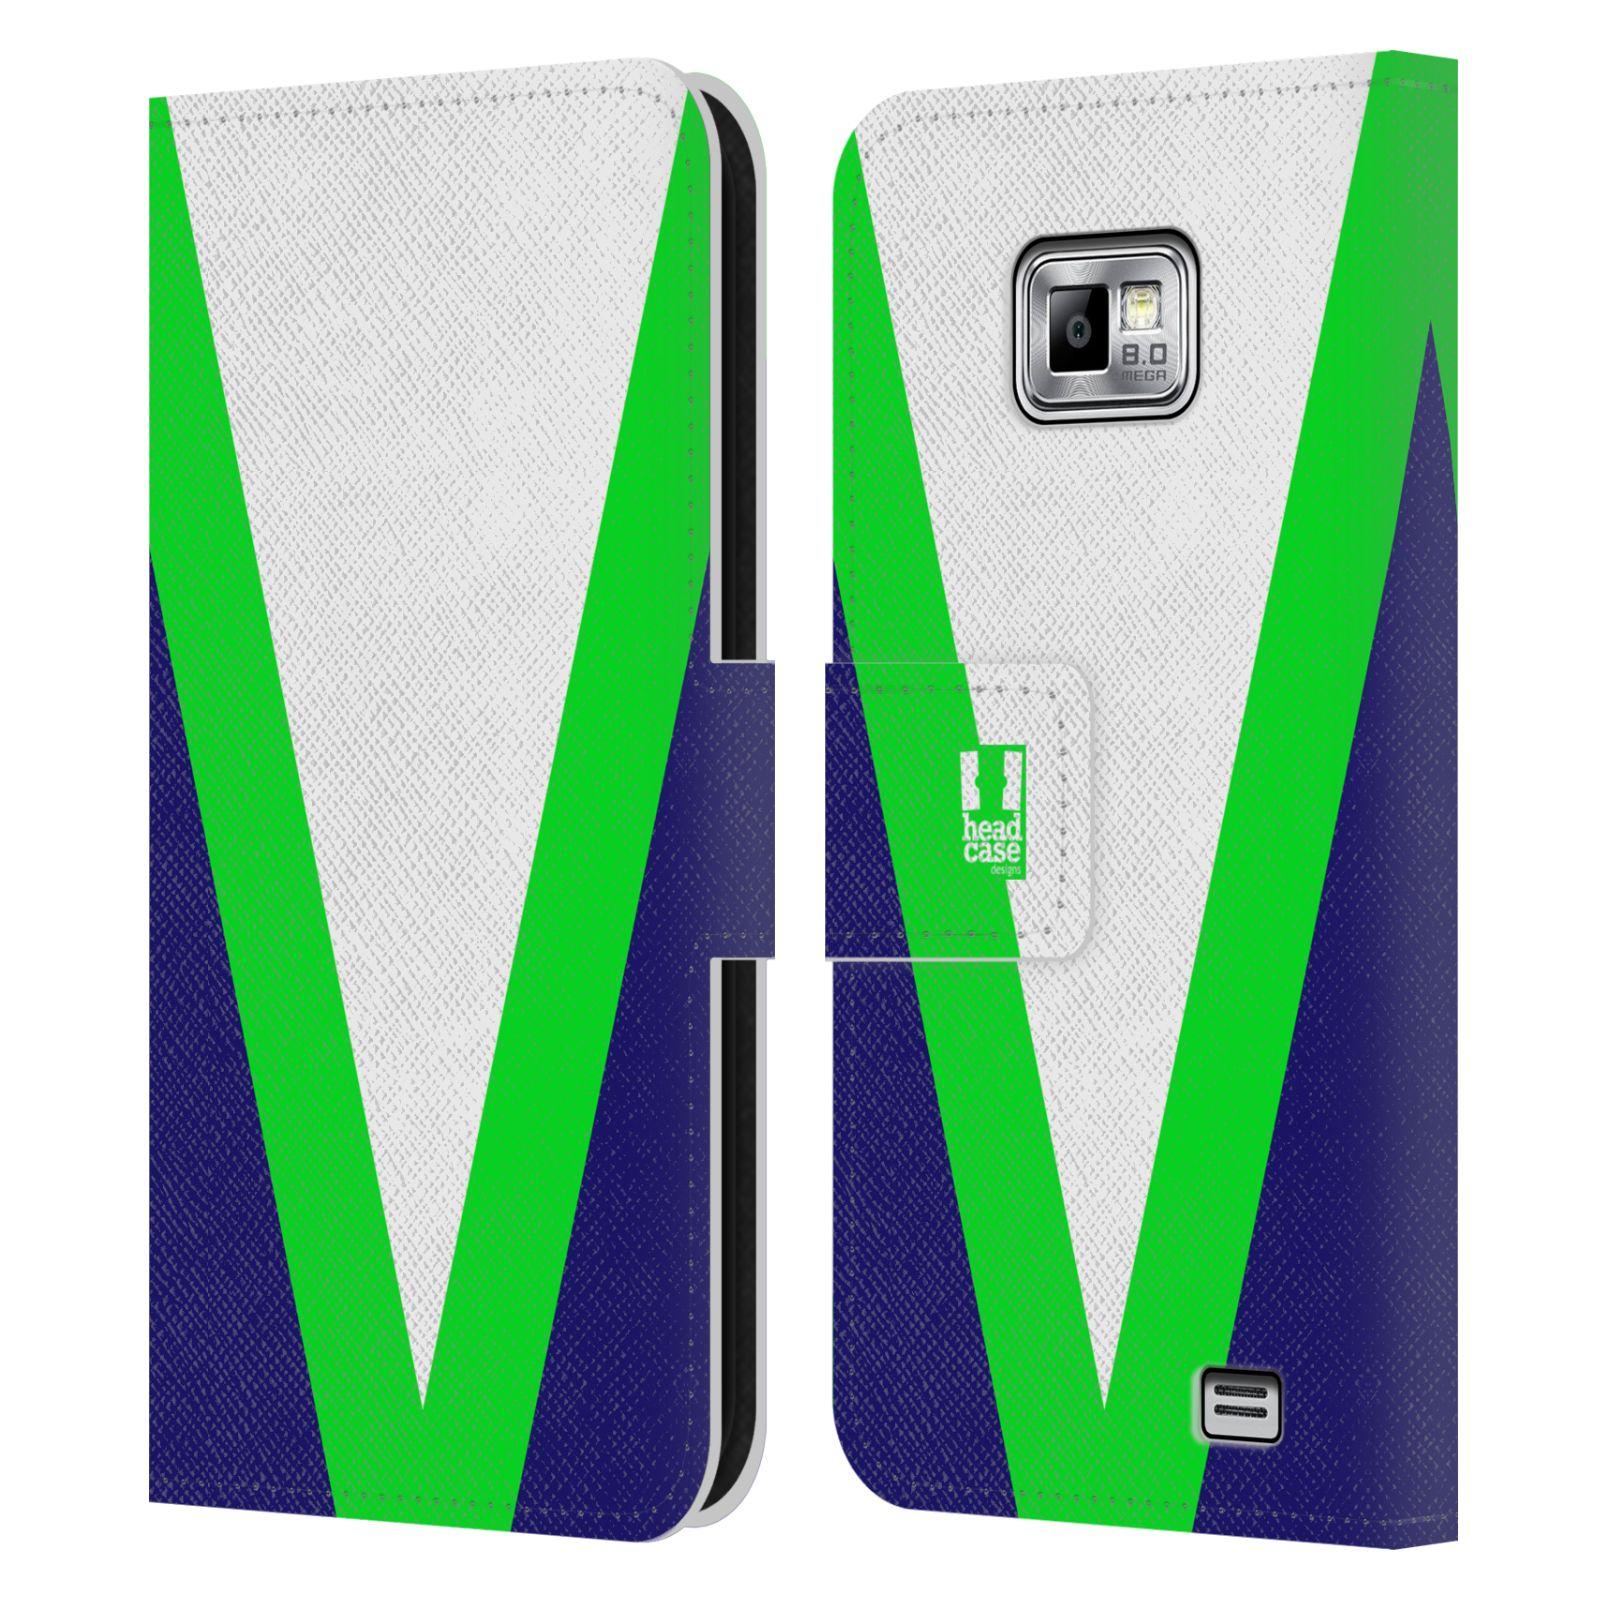 HEAD CASE Flipové pouzdro pro mobil Samsung Galaxy S2 i9100 barevné tvary zelená a modrá